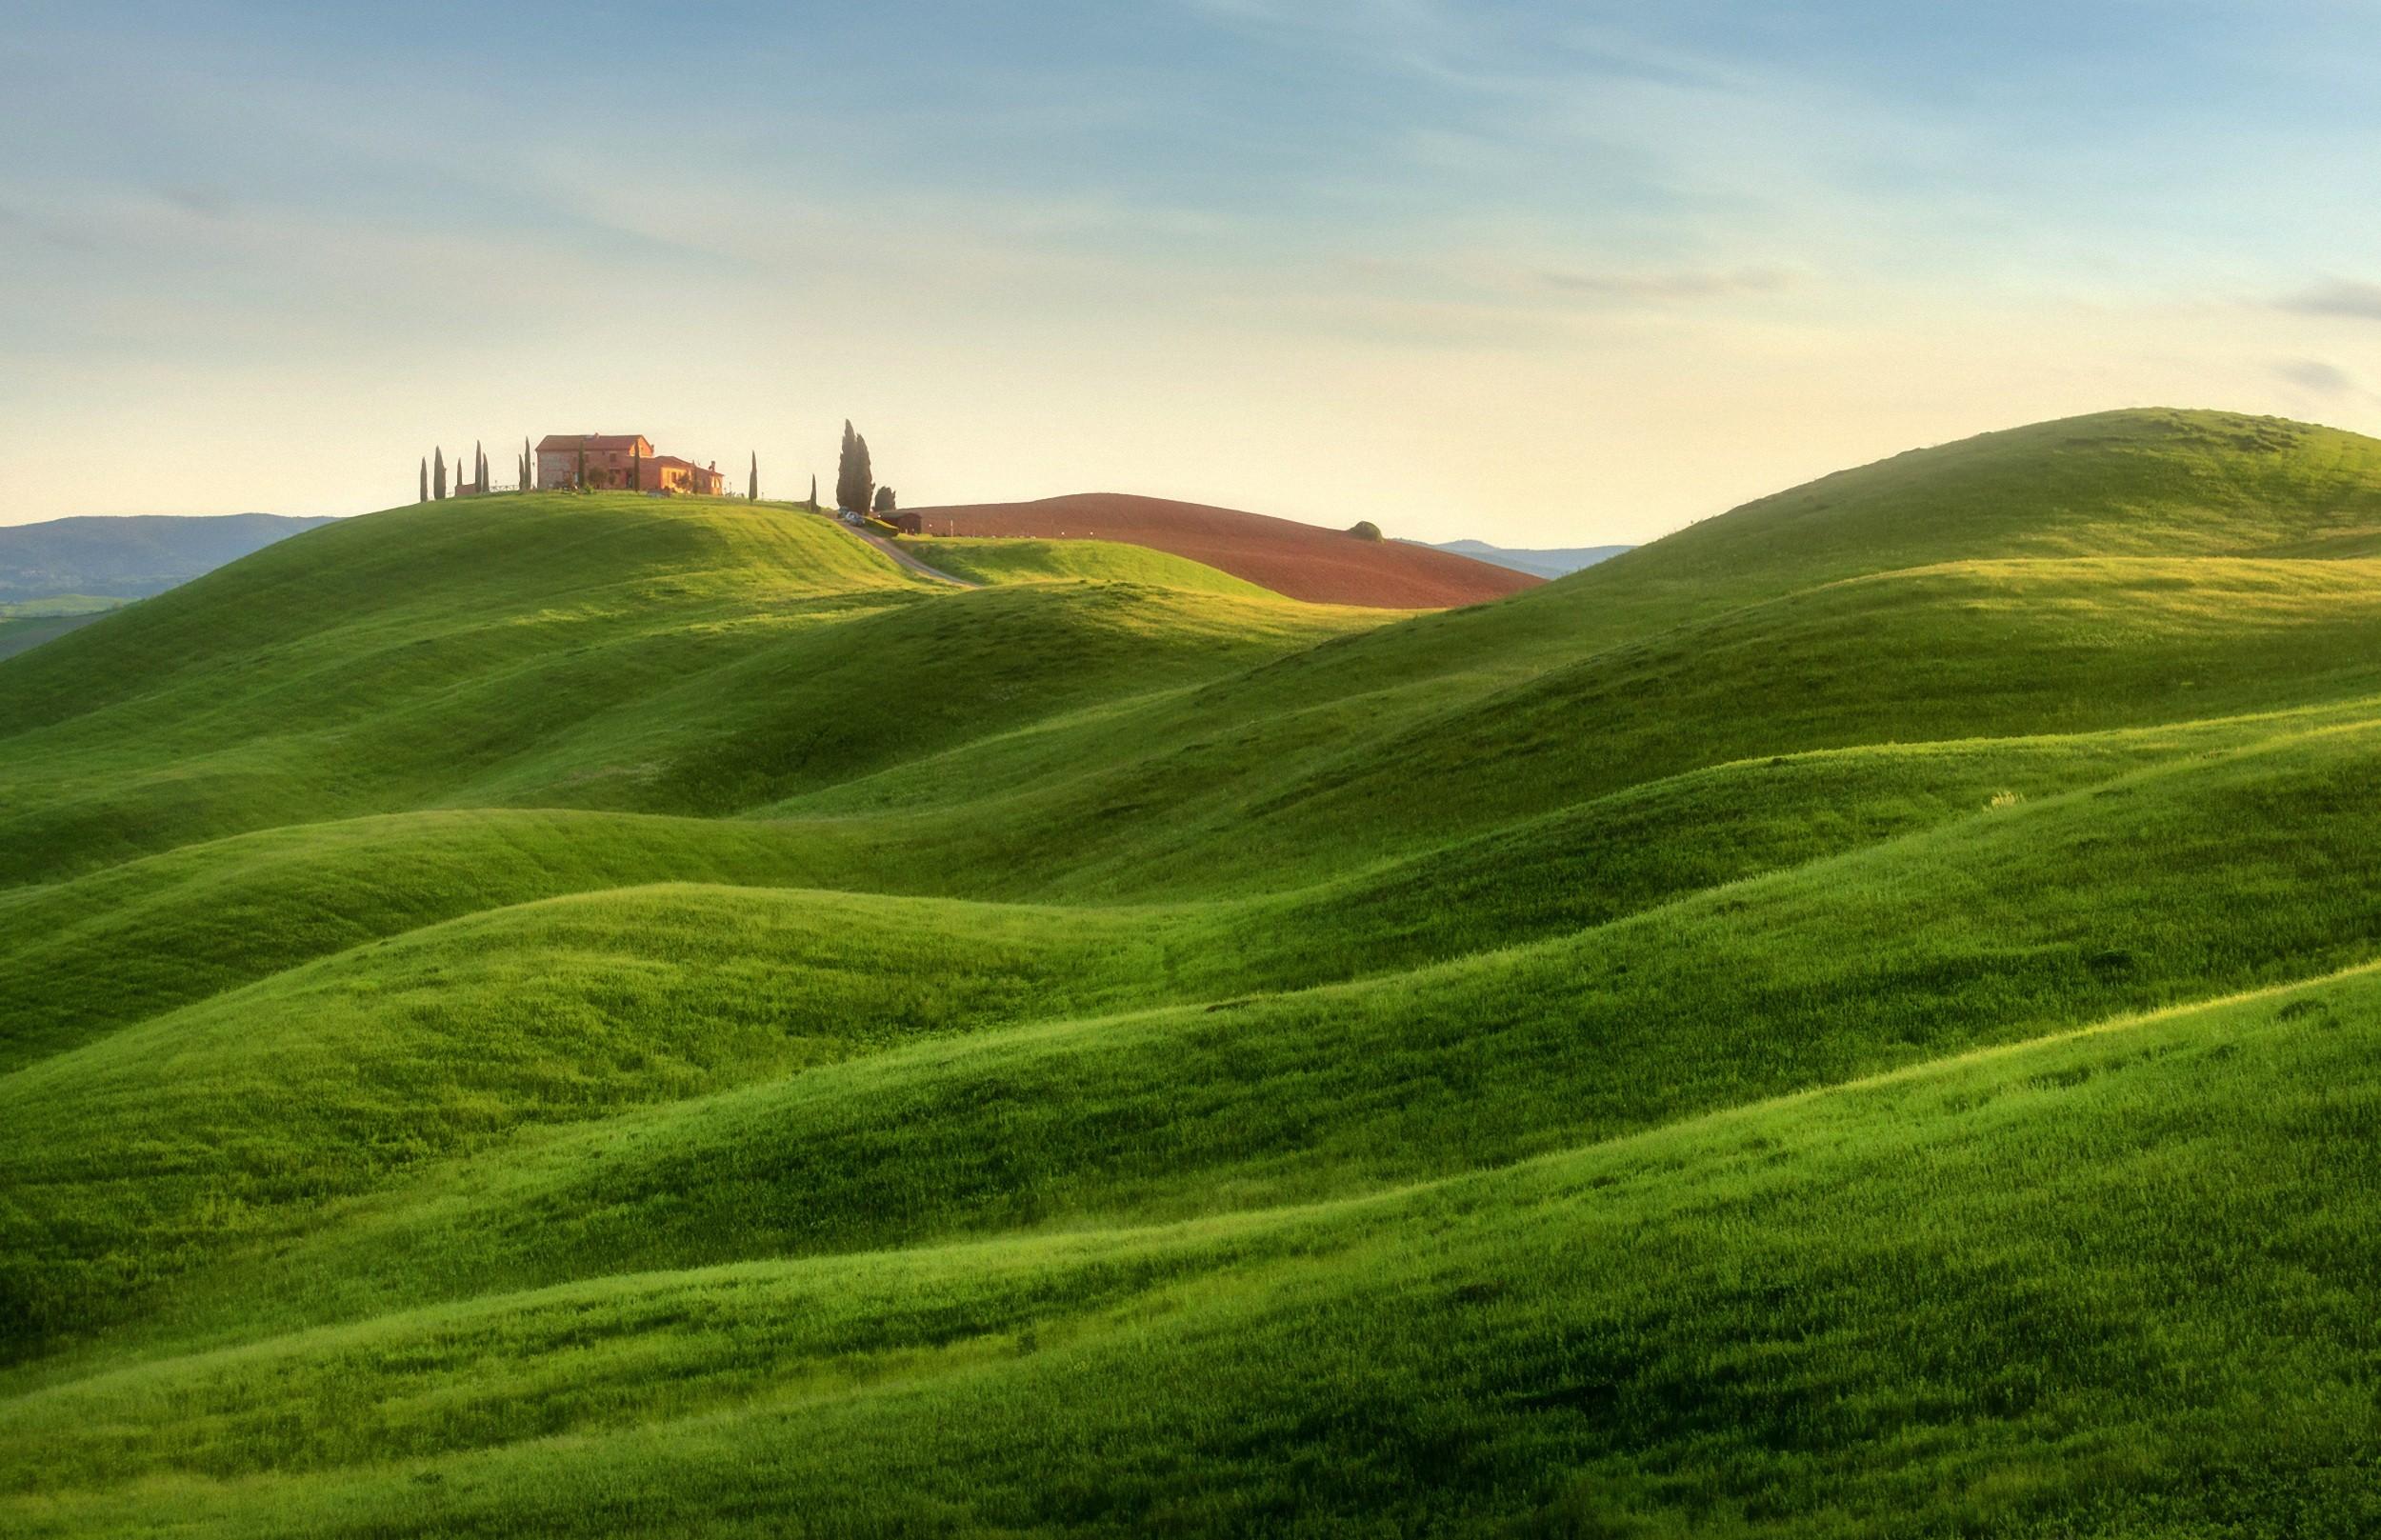 Sfondi  paesaggio Italia collina natura erba campo verde Toscana altopiano corso di golf montagna prateria pascolo prato pianura